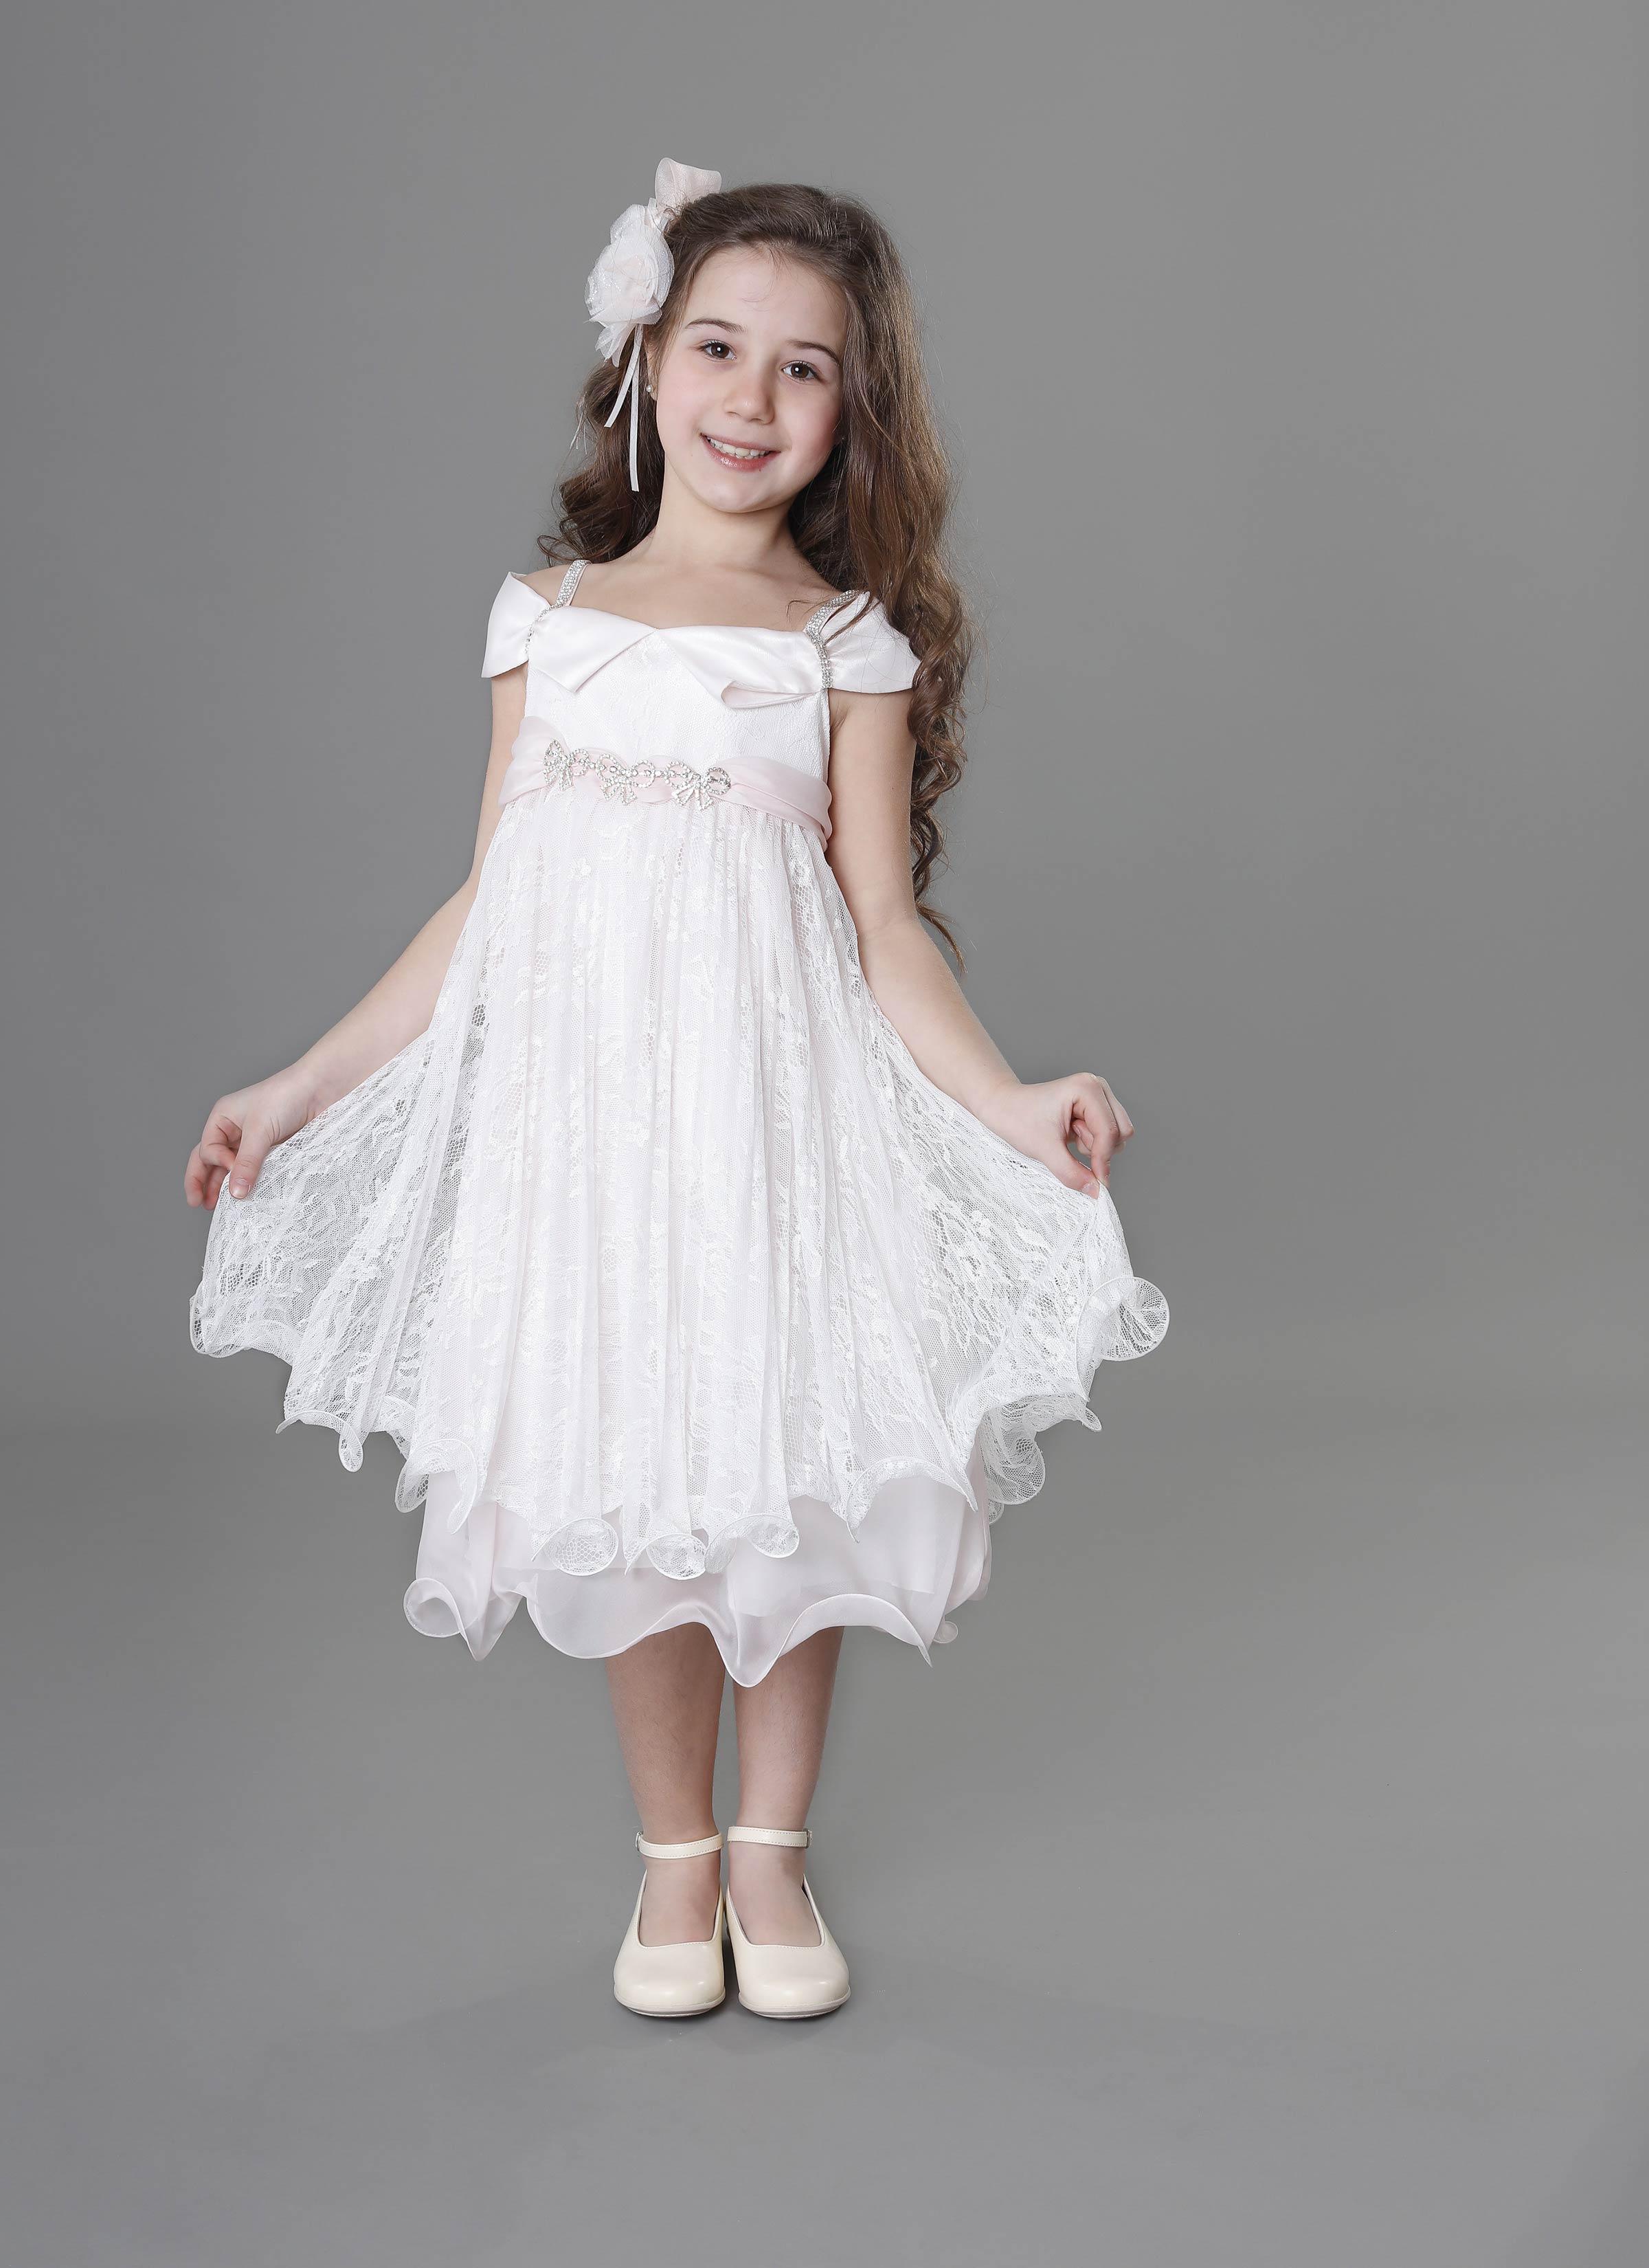 Vestiti Eleganti Bambina 12 Anni.Vestito In Merletto Per Bambina Da Cerimonia Da 8 A 12 Anni